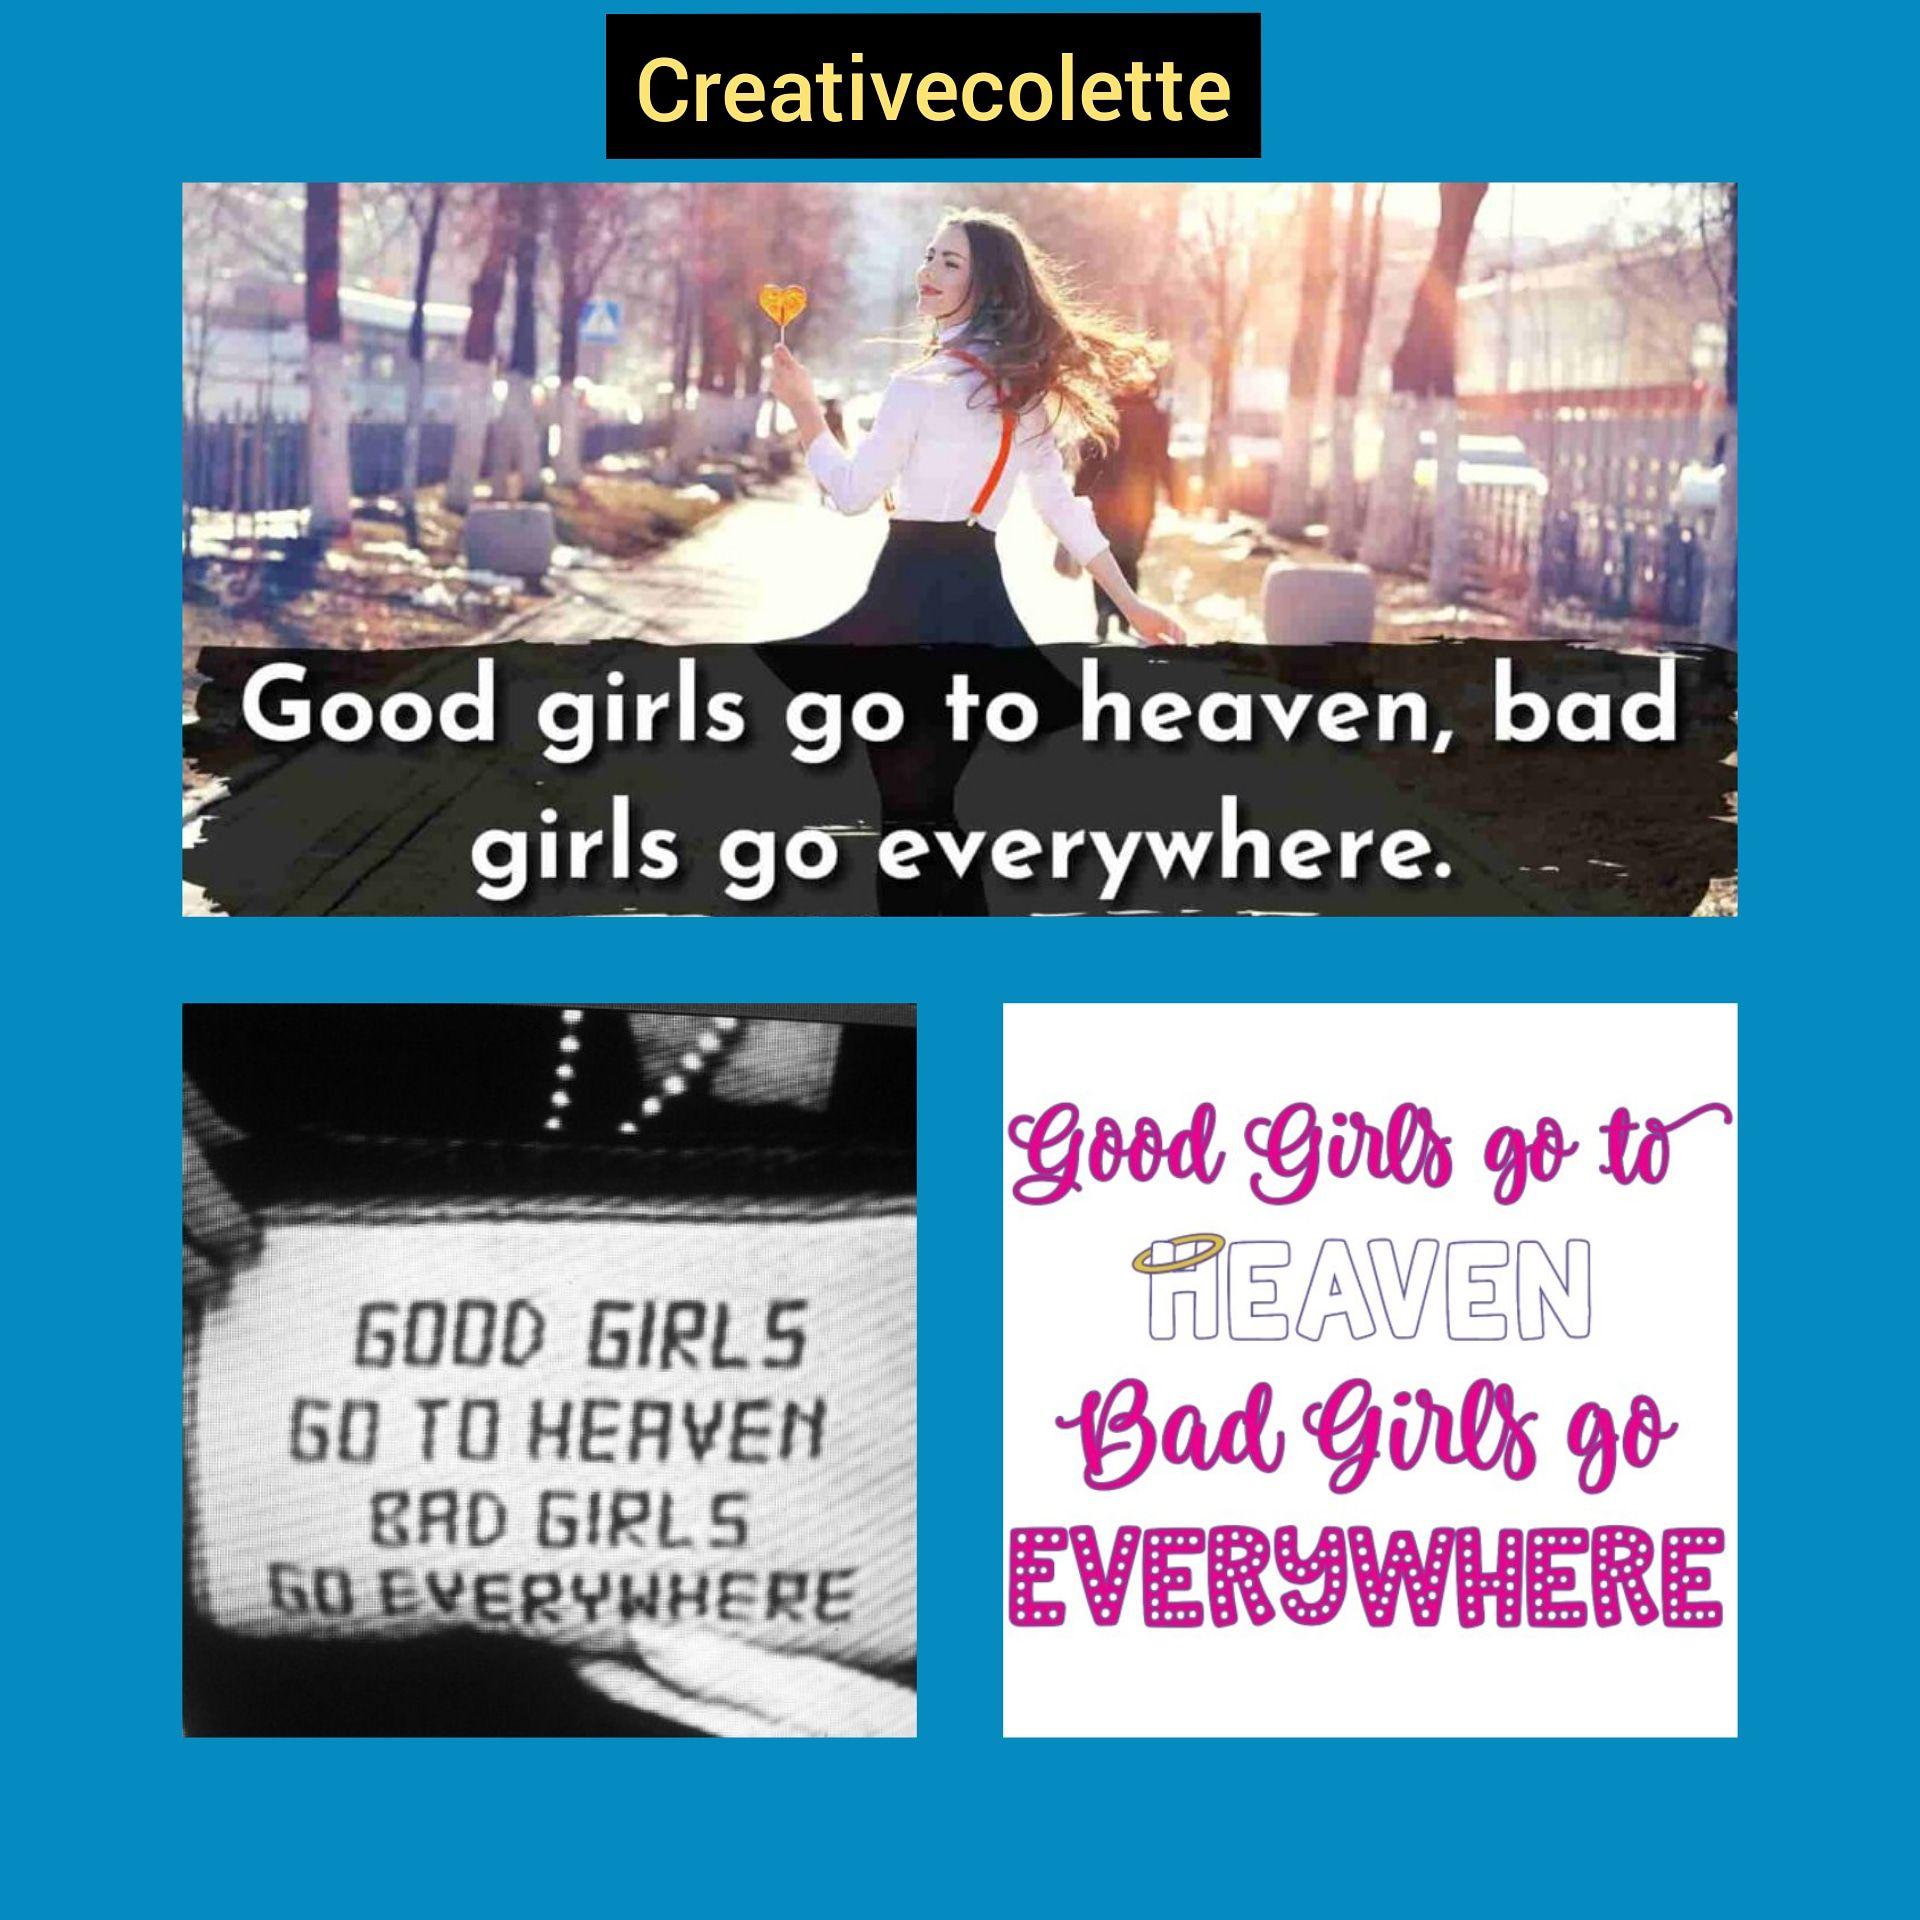 Creativecolette's Profile Image